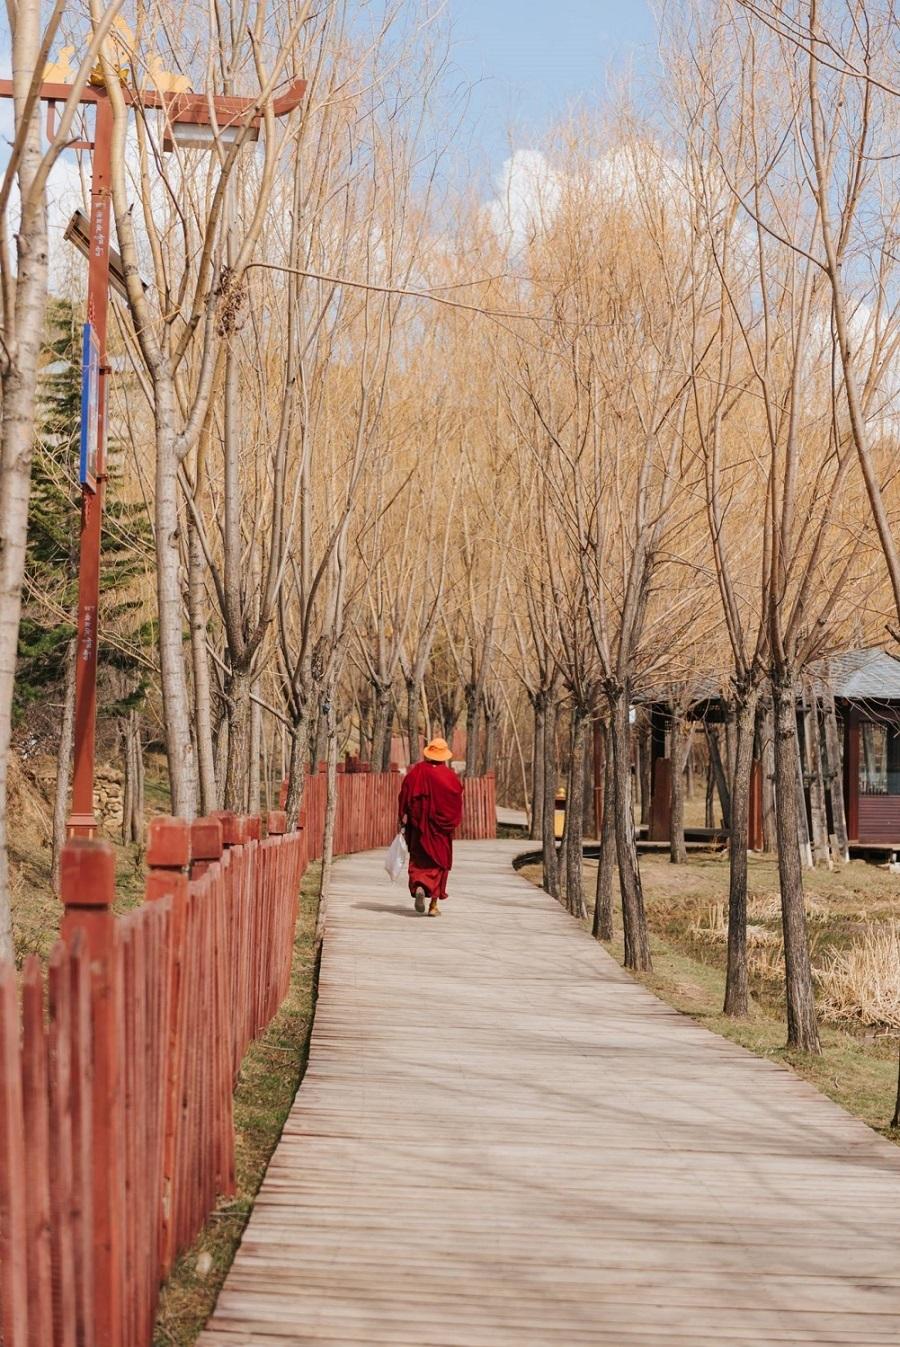 Những con đường ở Shangri-la quanh co và vắng lặng, nên thơ. Đâu đó bạn sẽ bắt gặp các vị Lạt Ma trên đường trong trang phục sẫm màu đặc trưng. Số người theo Phật giáo Tây Tạng ở đây rất đông. Đây là một hệ phái quan trọng thuộc Phật giáo Kim cương thừa, được truyền bá nhiều nơi quanh Hy Mã Lạp Sơn, đặc biệt ở Tây Tạng.